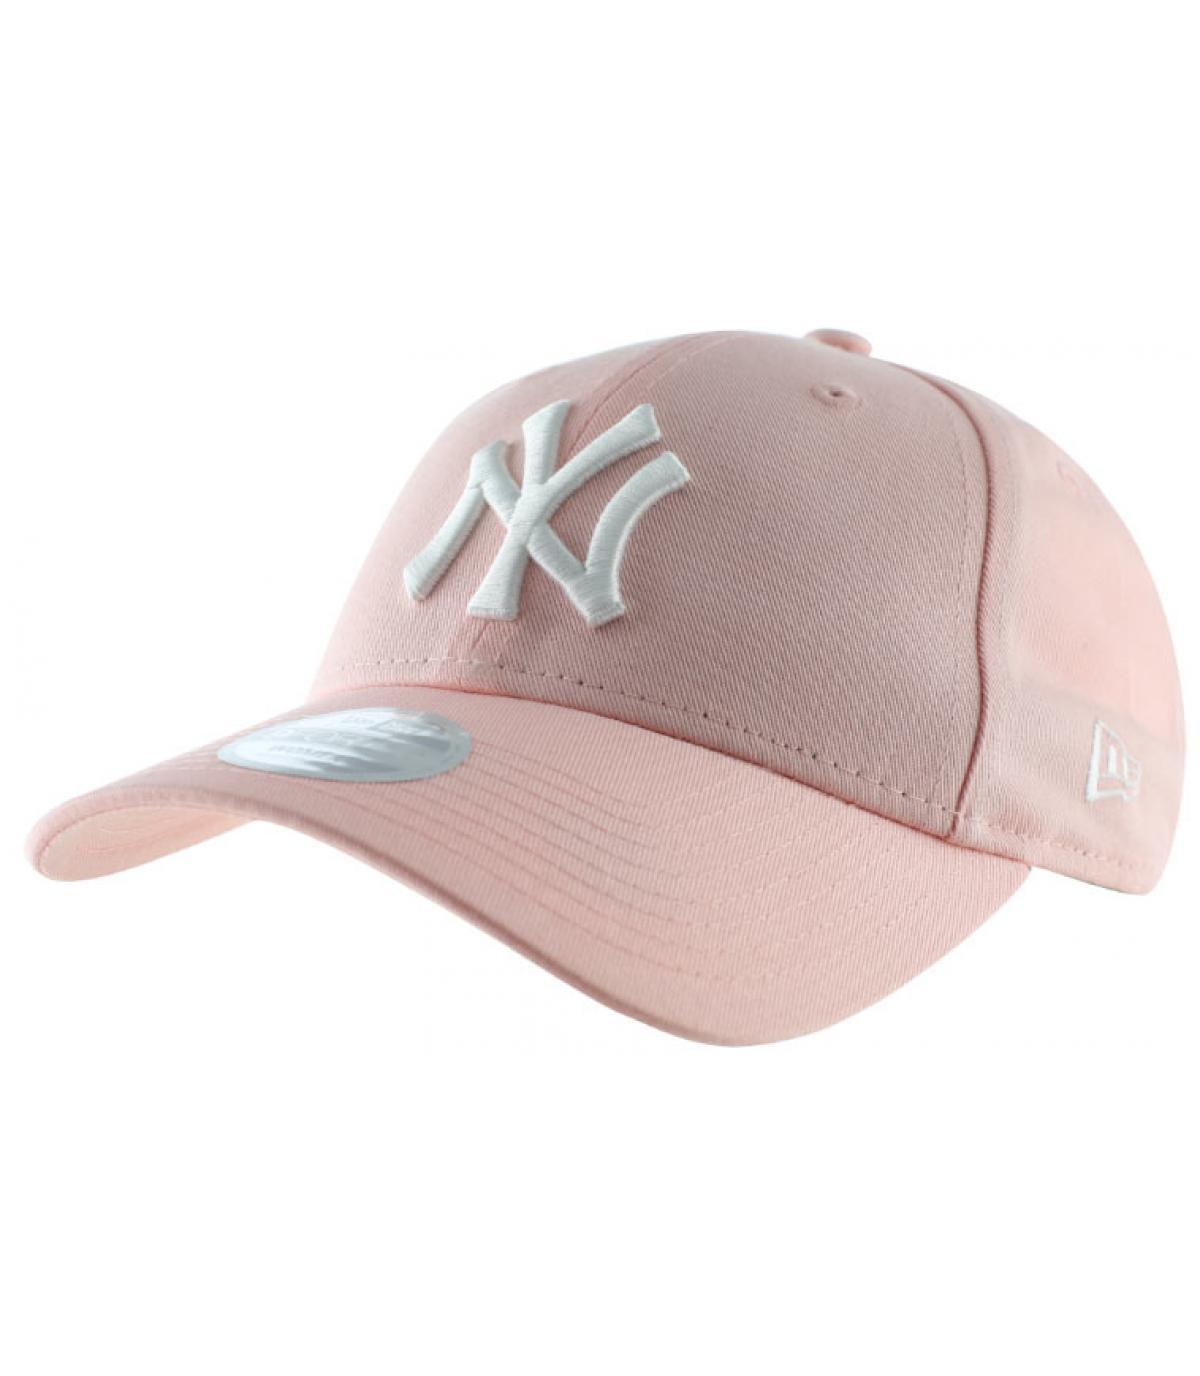 Détails Casquette Femme NY League Essential pink - image 2